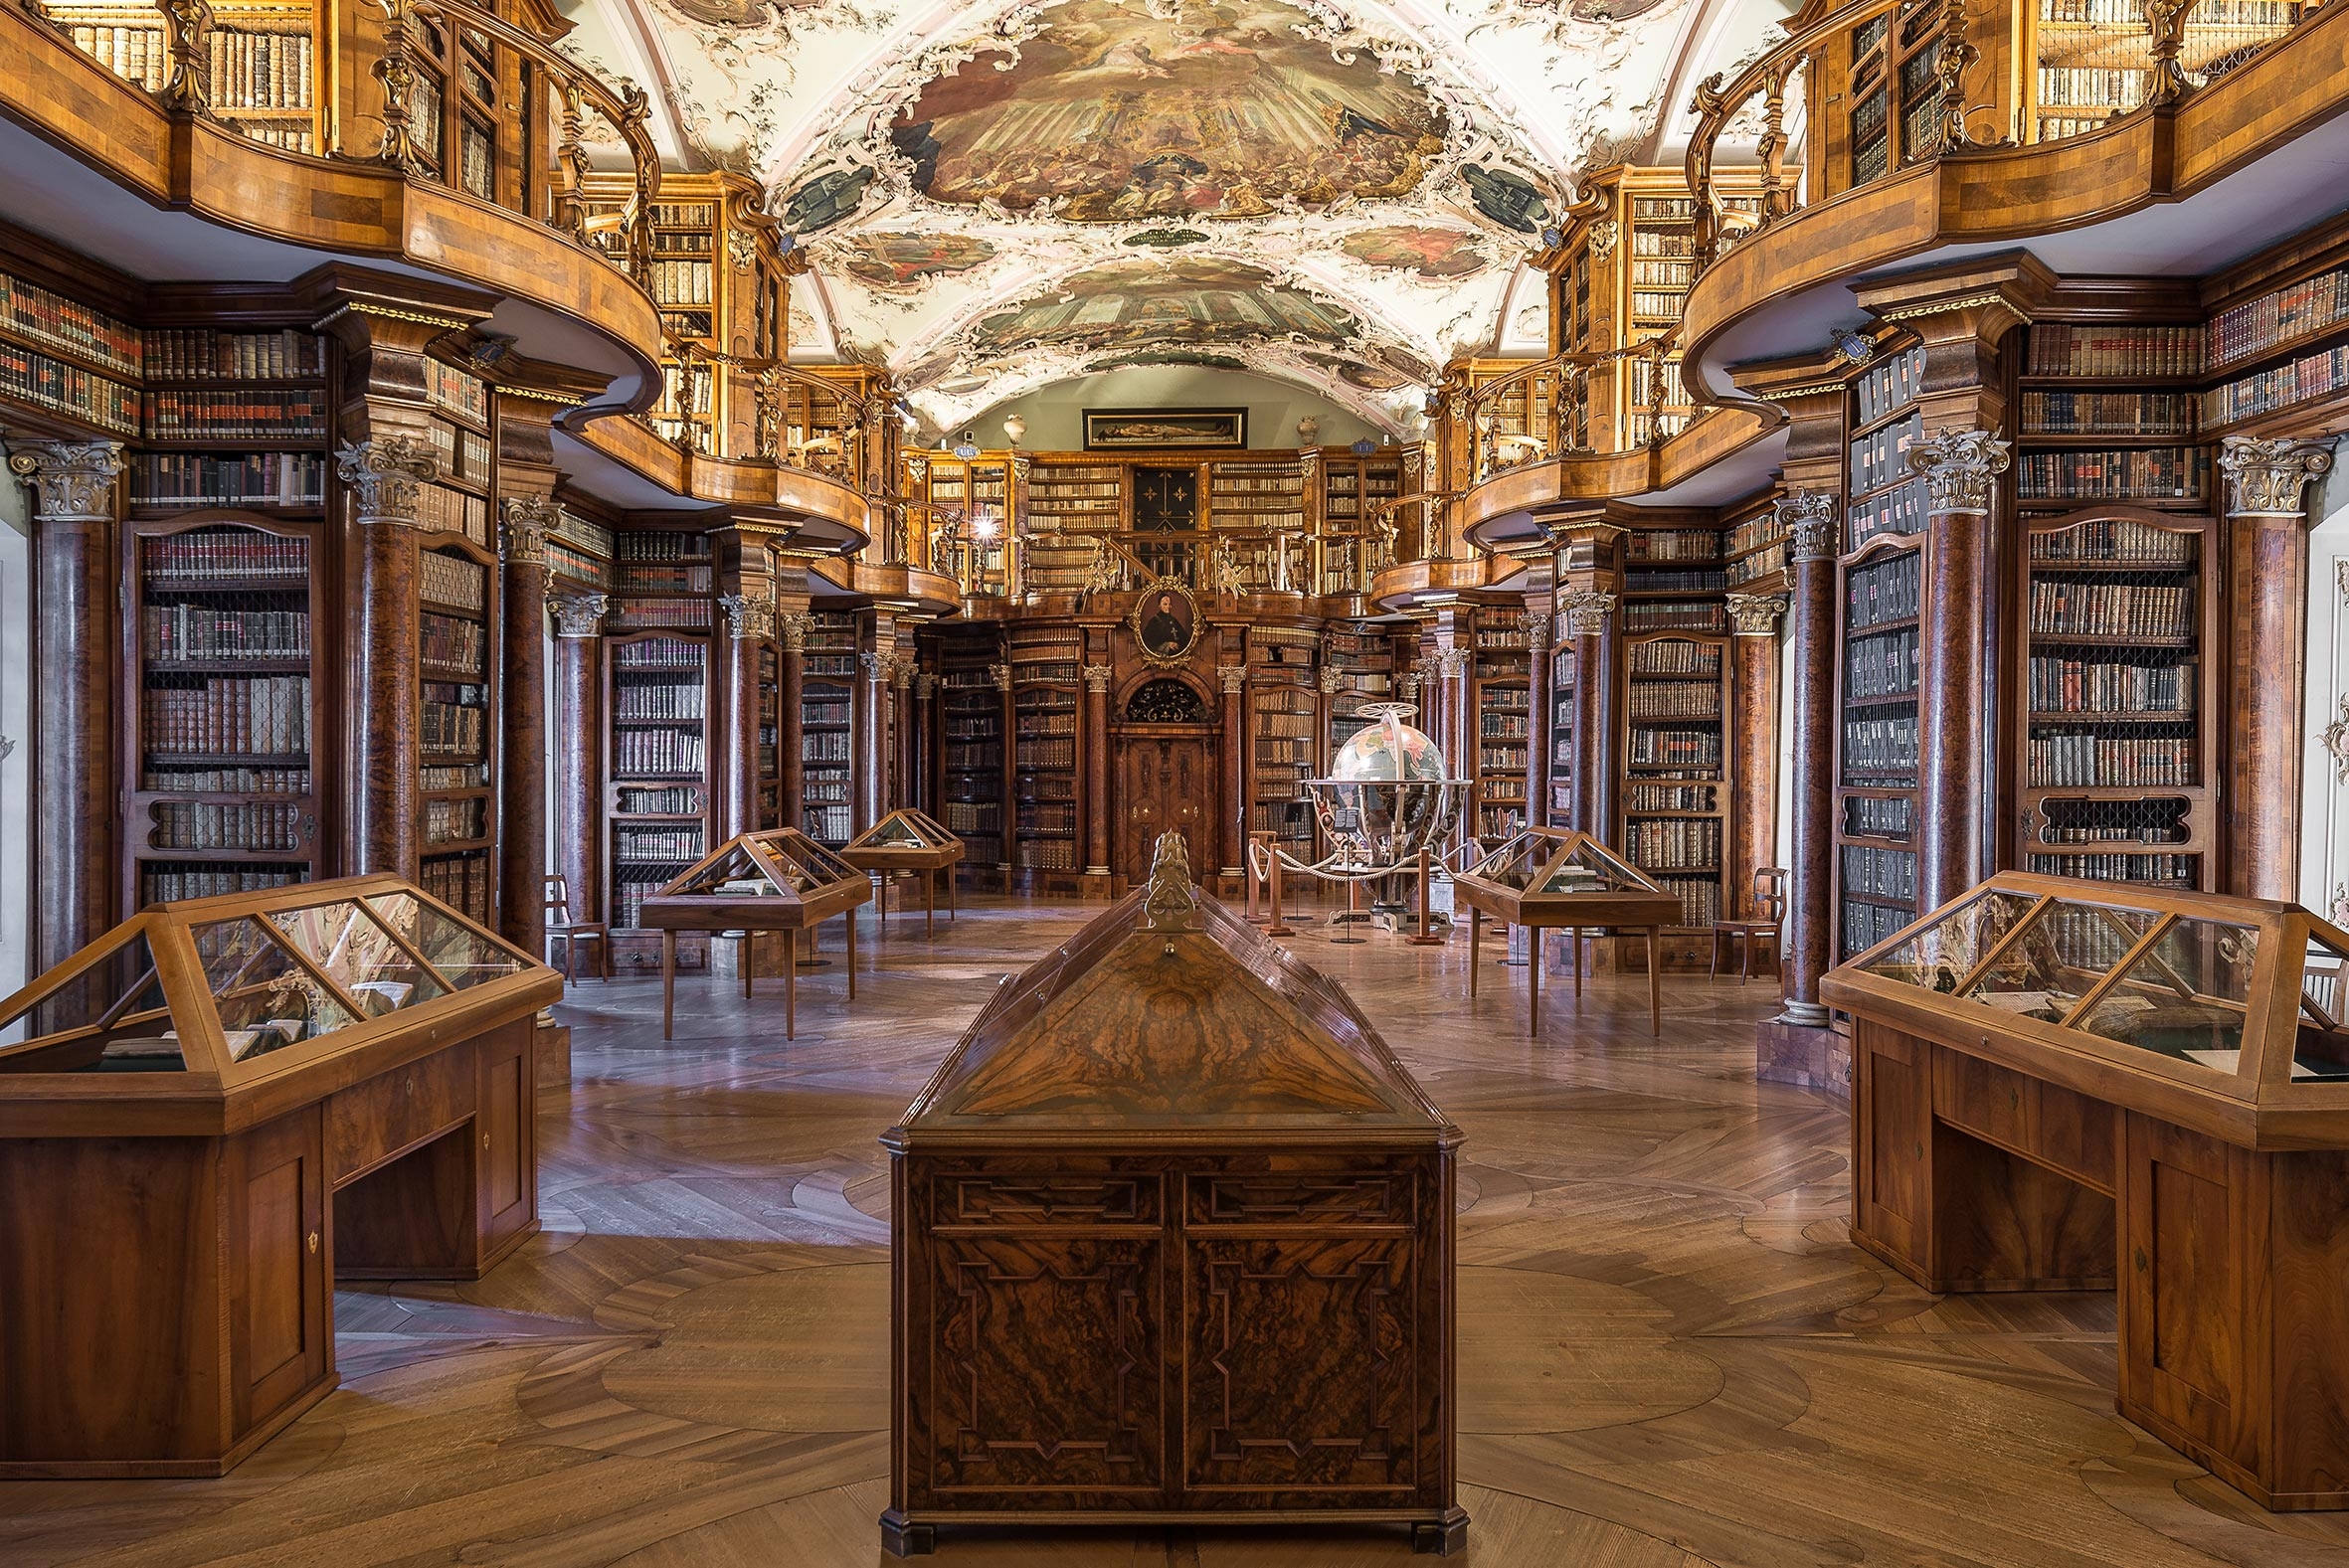 Architekturfotografie Stiftsbibliothek St. Gallen. Foto: Gerd Schaller / BAUWERK PERSPEKTIVEN